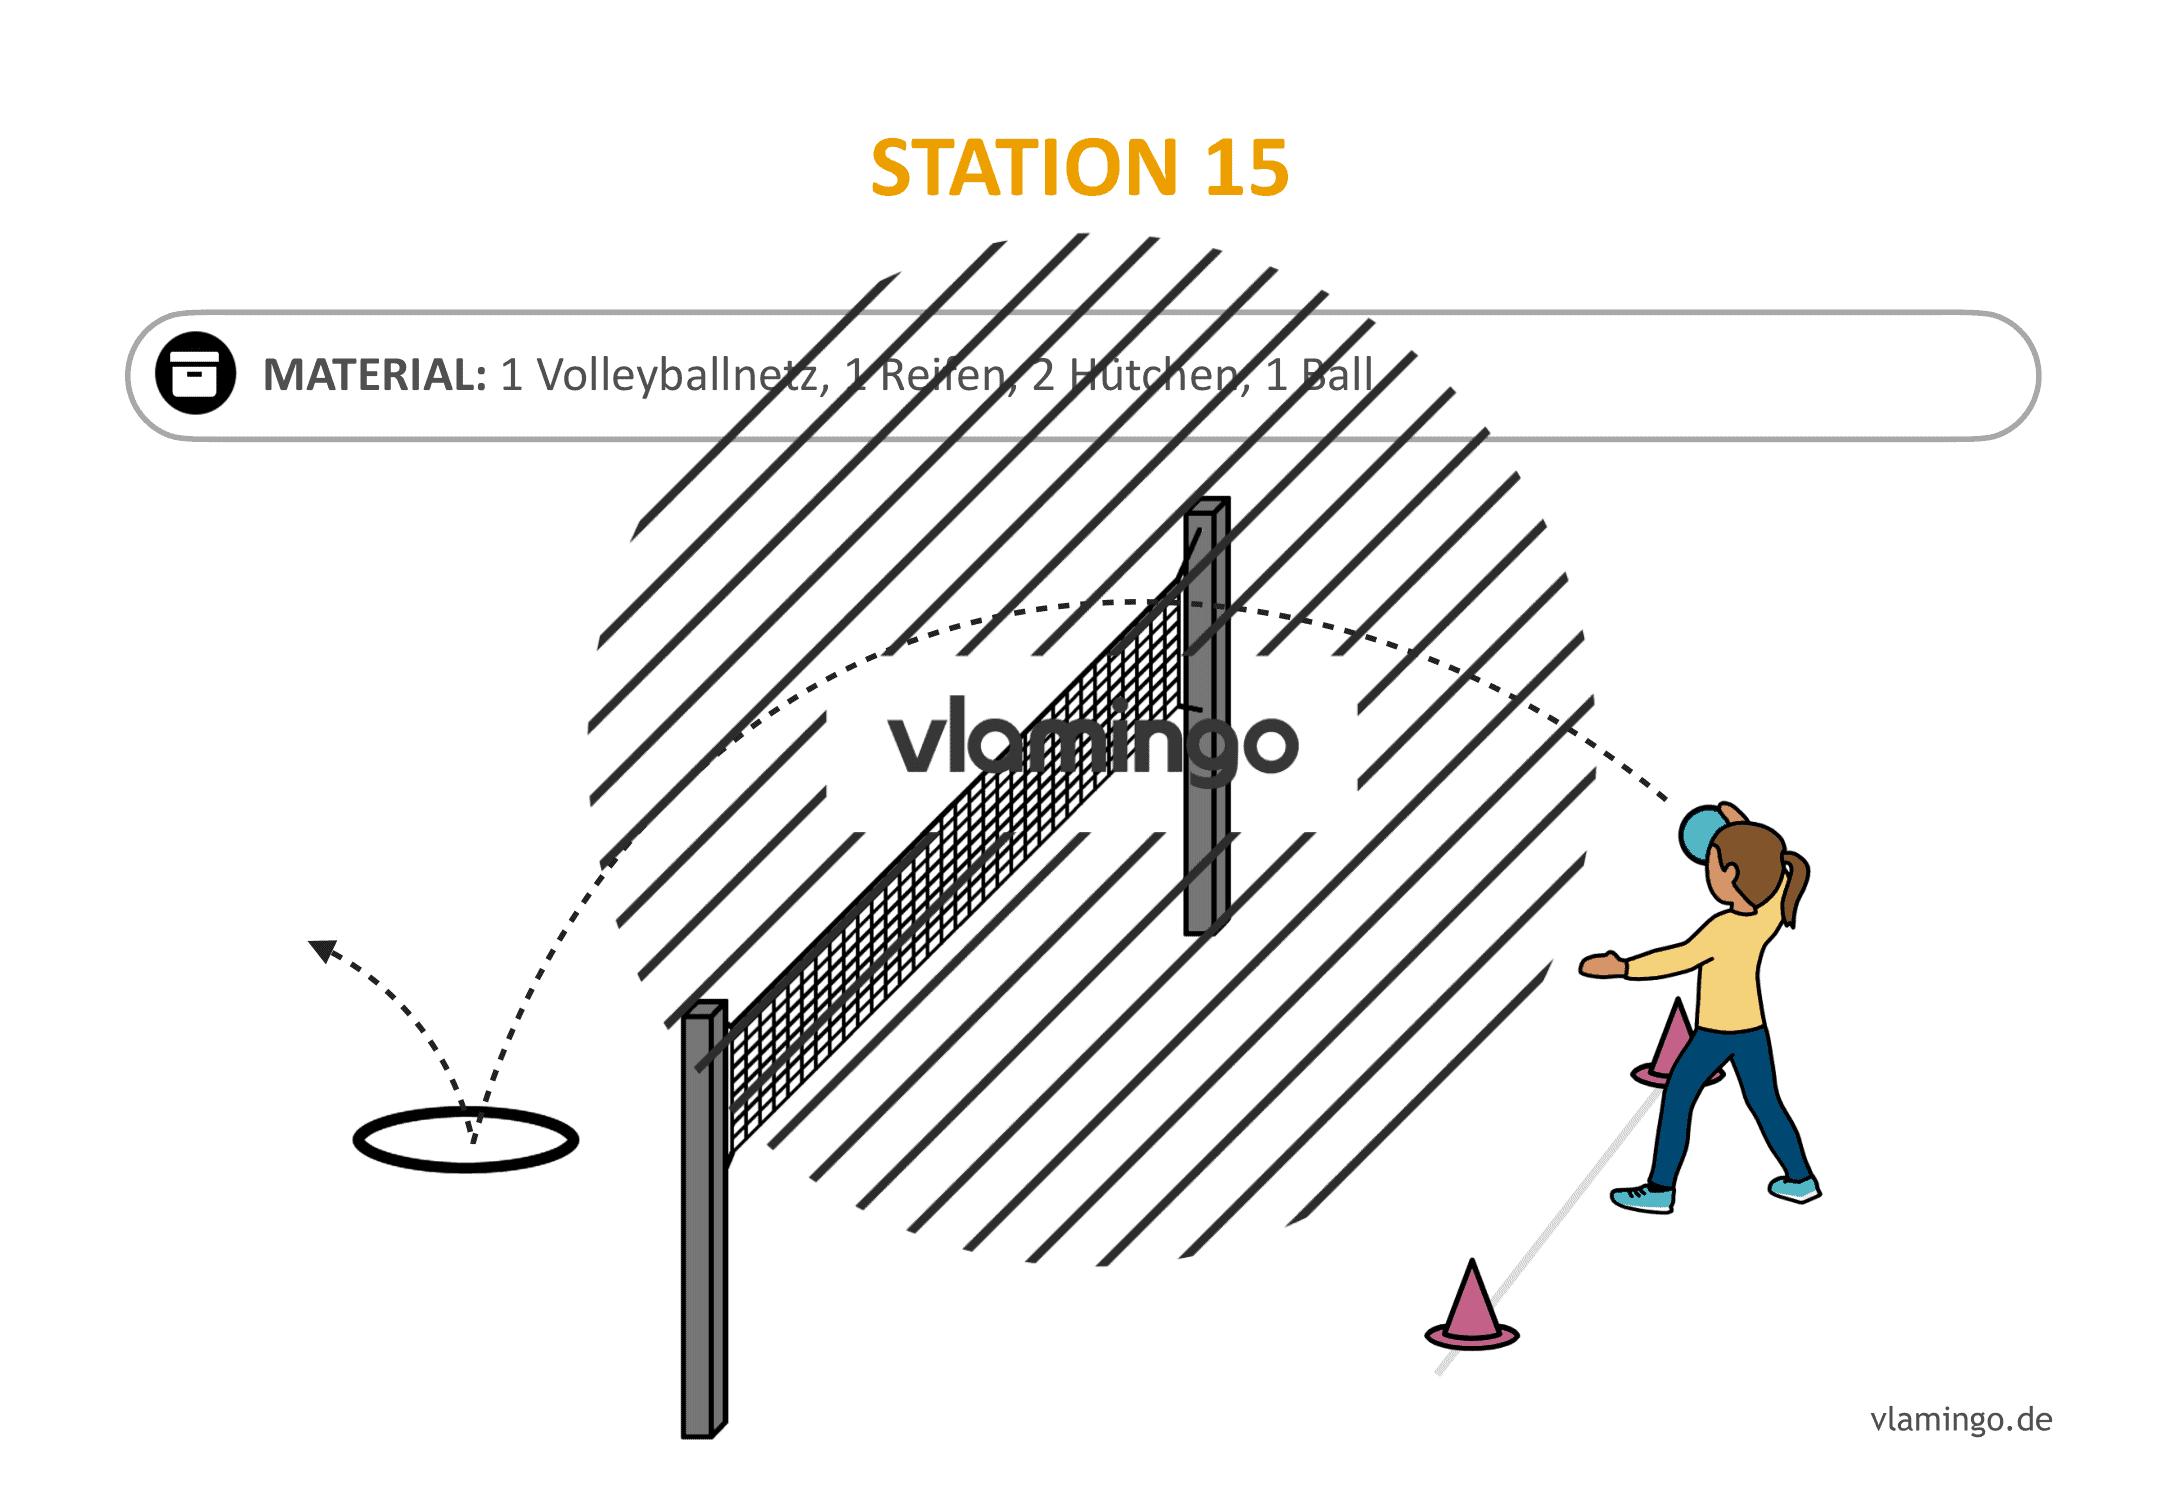 Handballgolf - Station-15